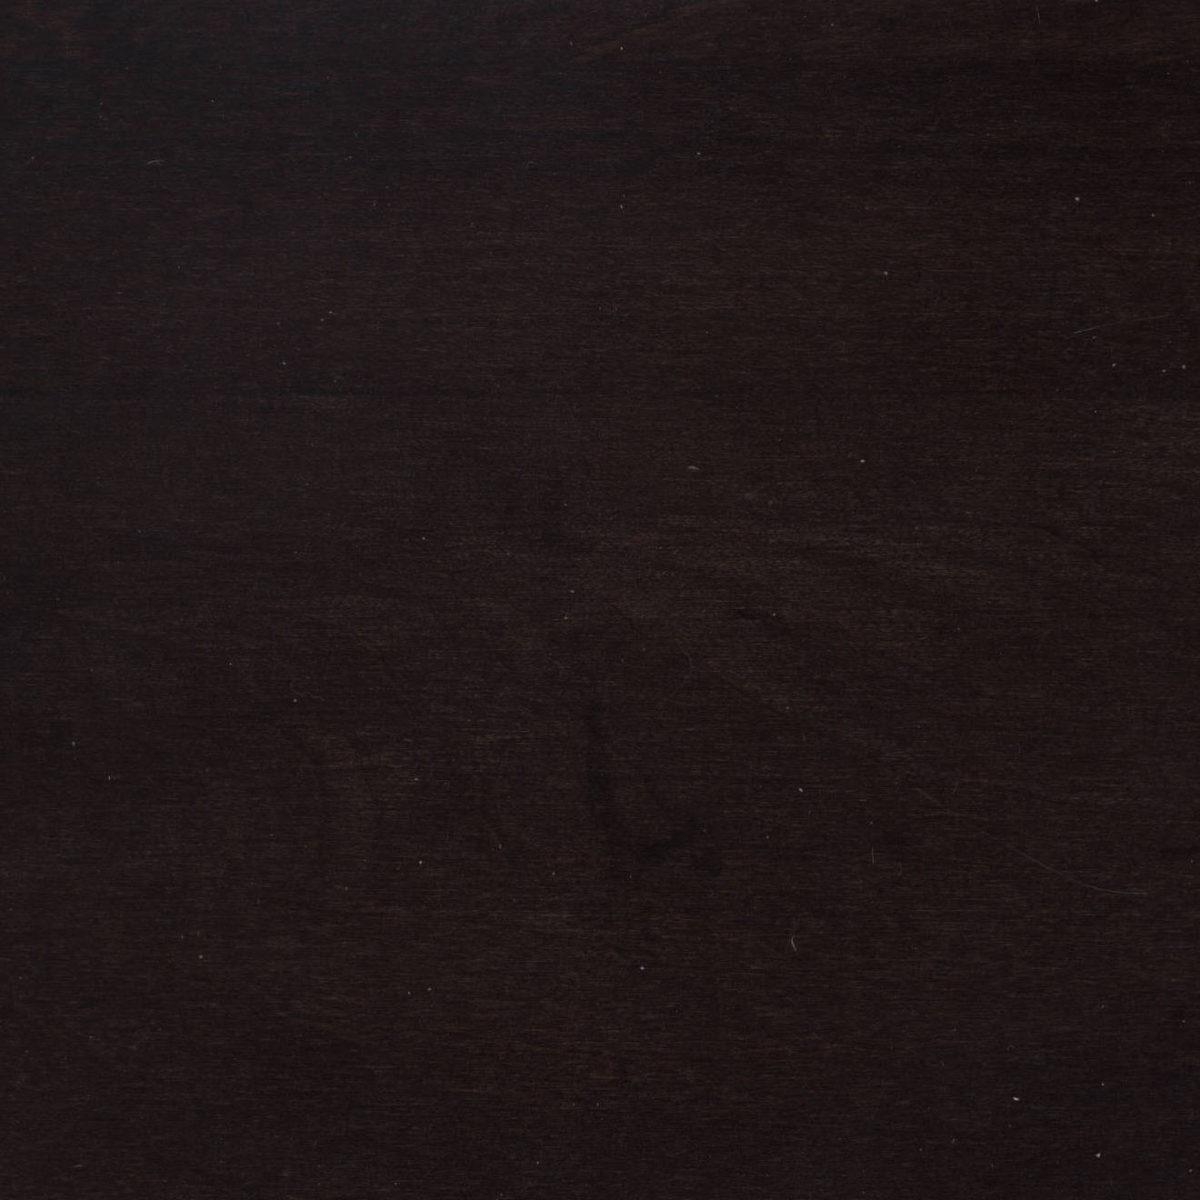 48B Brown Maple Dark Brown Wood Sample